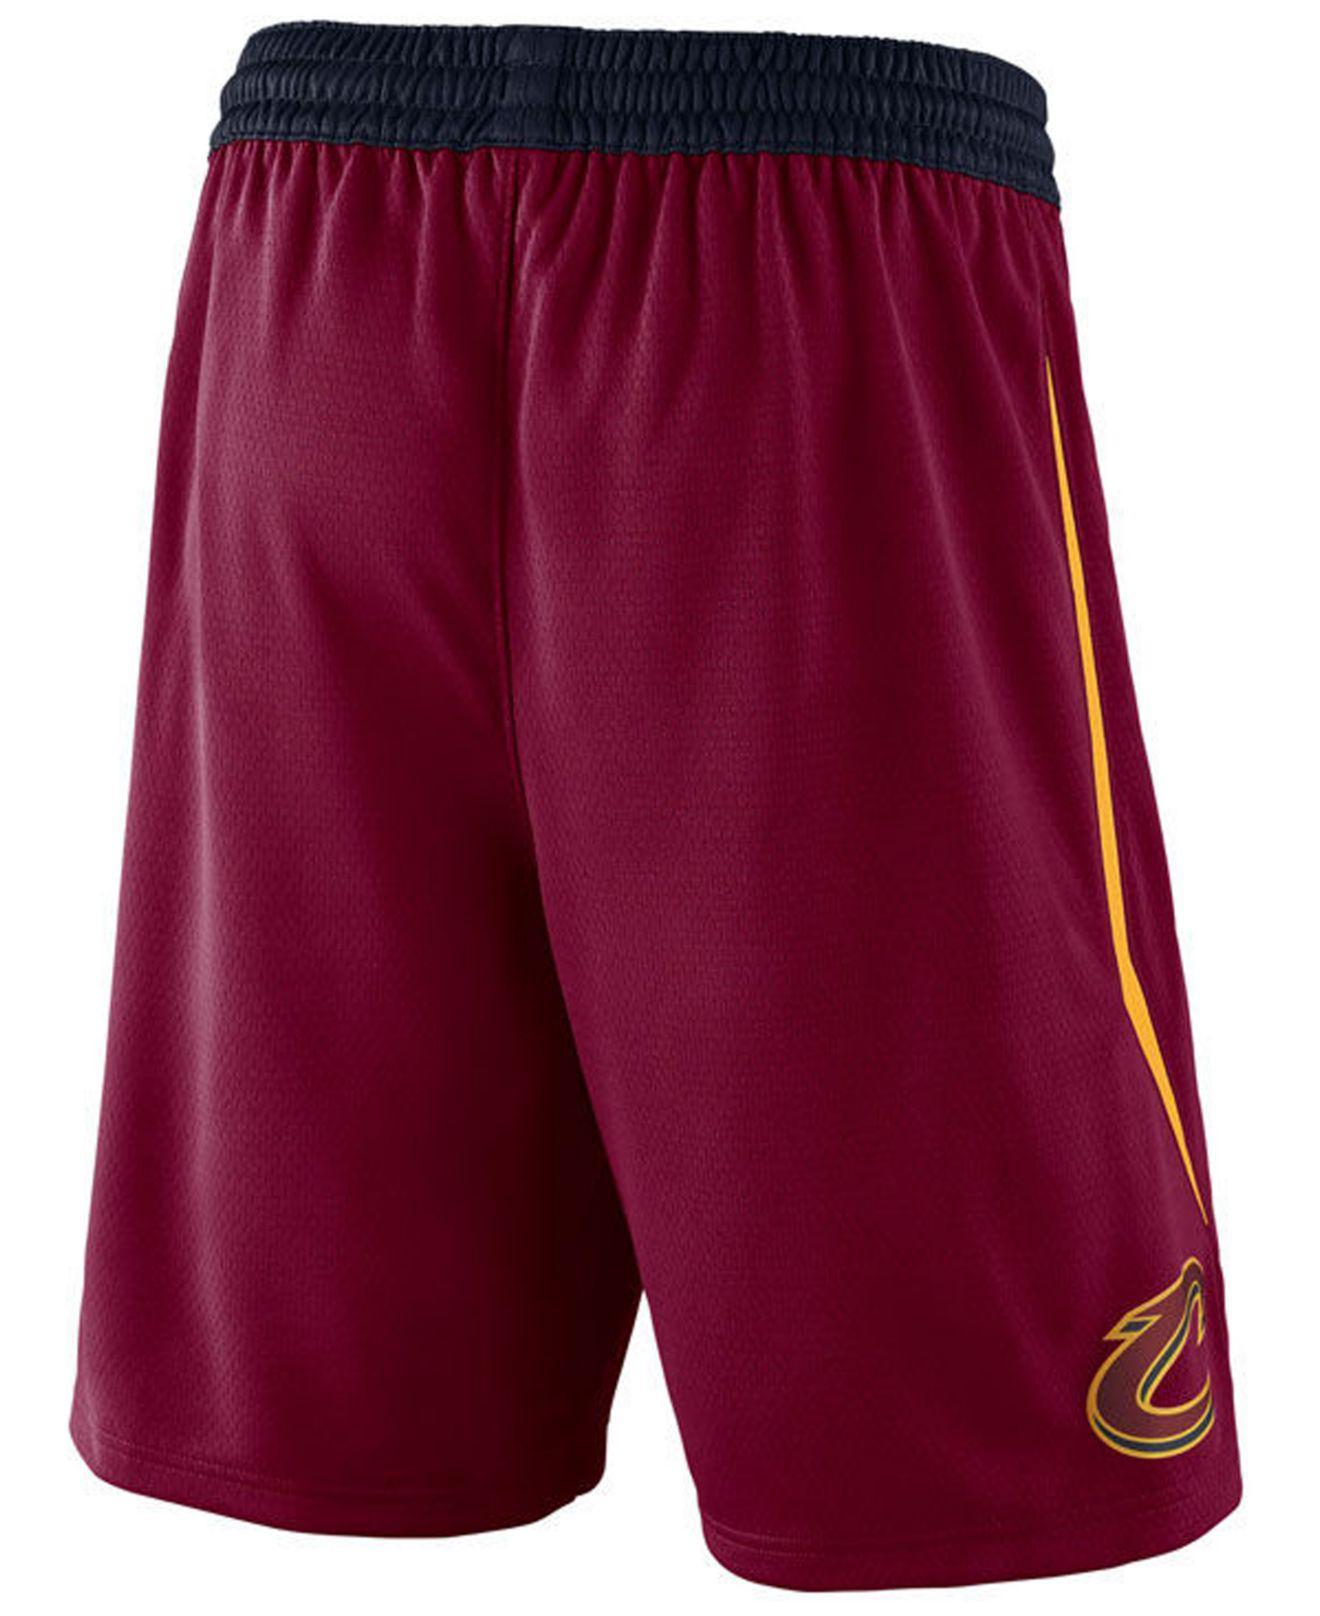 c0de0825aadf Lyst - Nike Icon Swingman Shorts in Red for Men